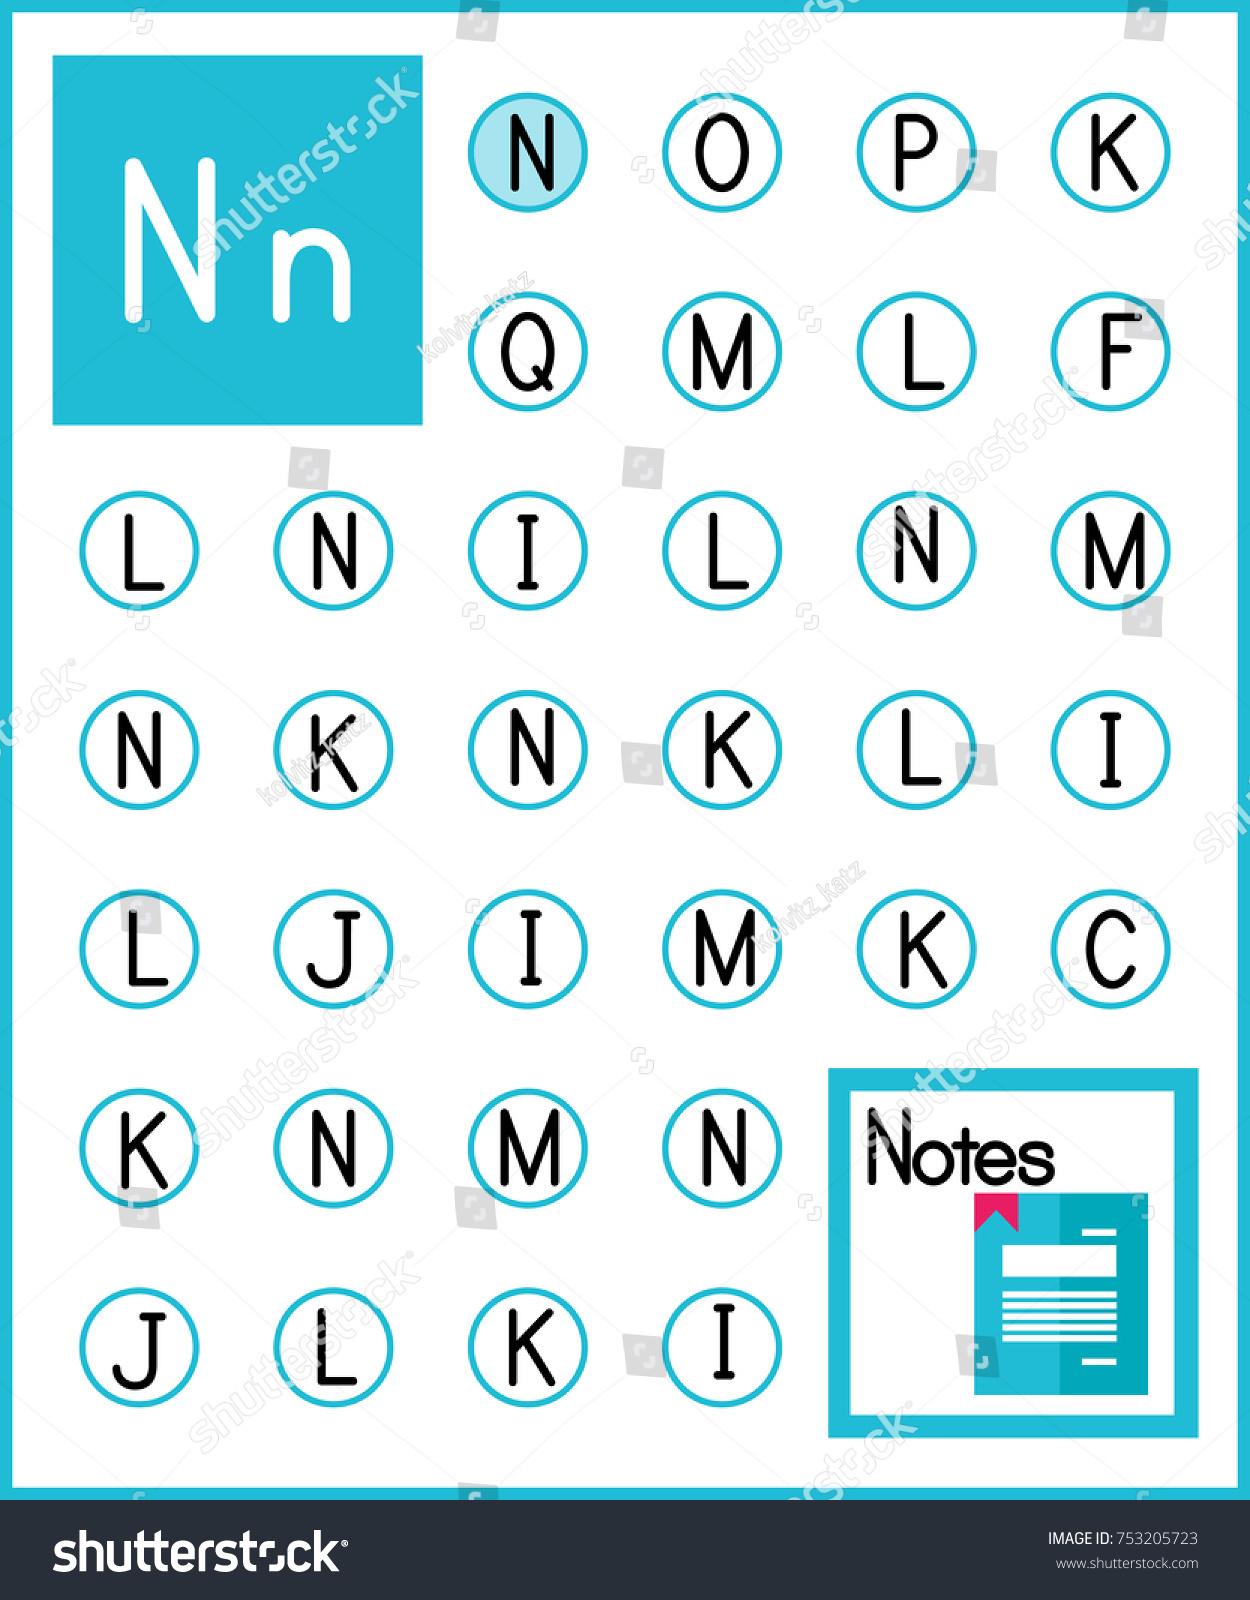 Worksheet Alphabet Activity Pre Schoolers Kindergarten Stock Vector ...